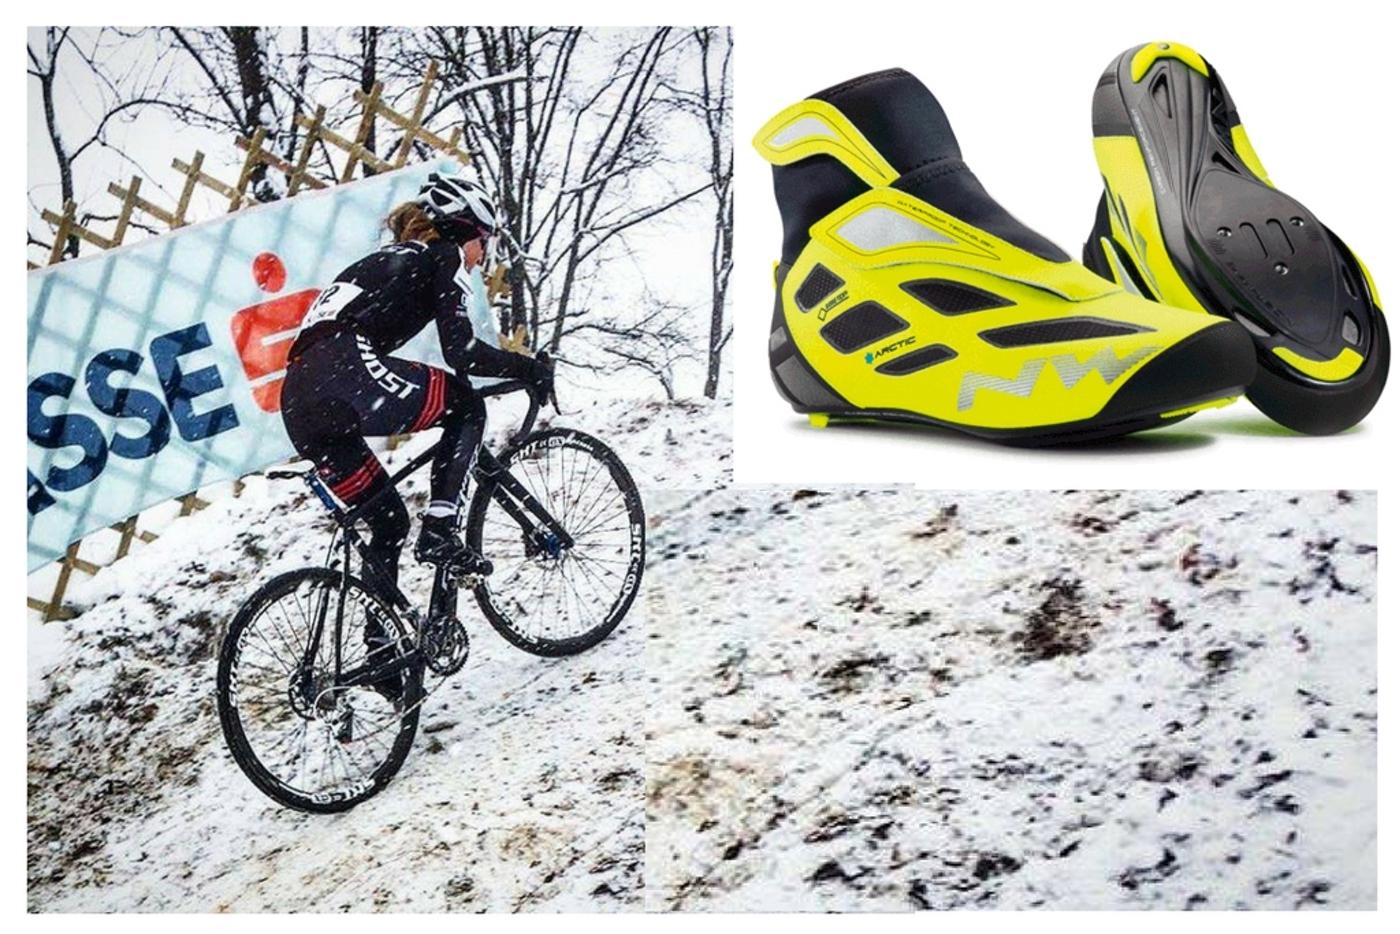 Extreme winter y Fahrenheit Artic, las zapatillas Northwave para el invierno